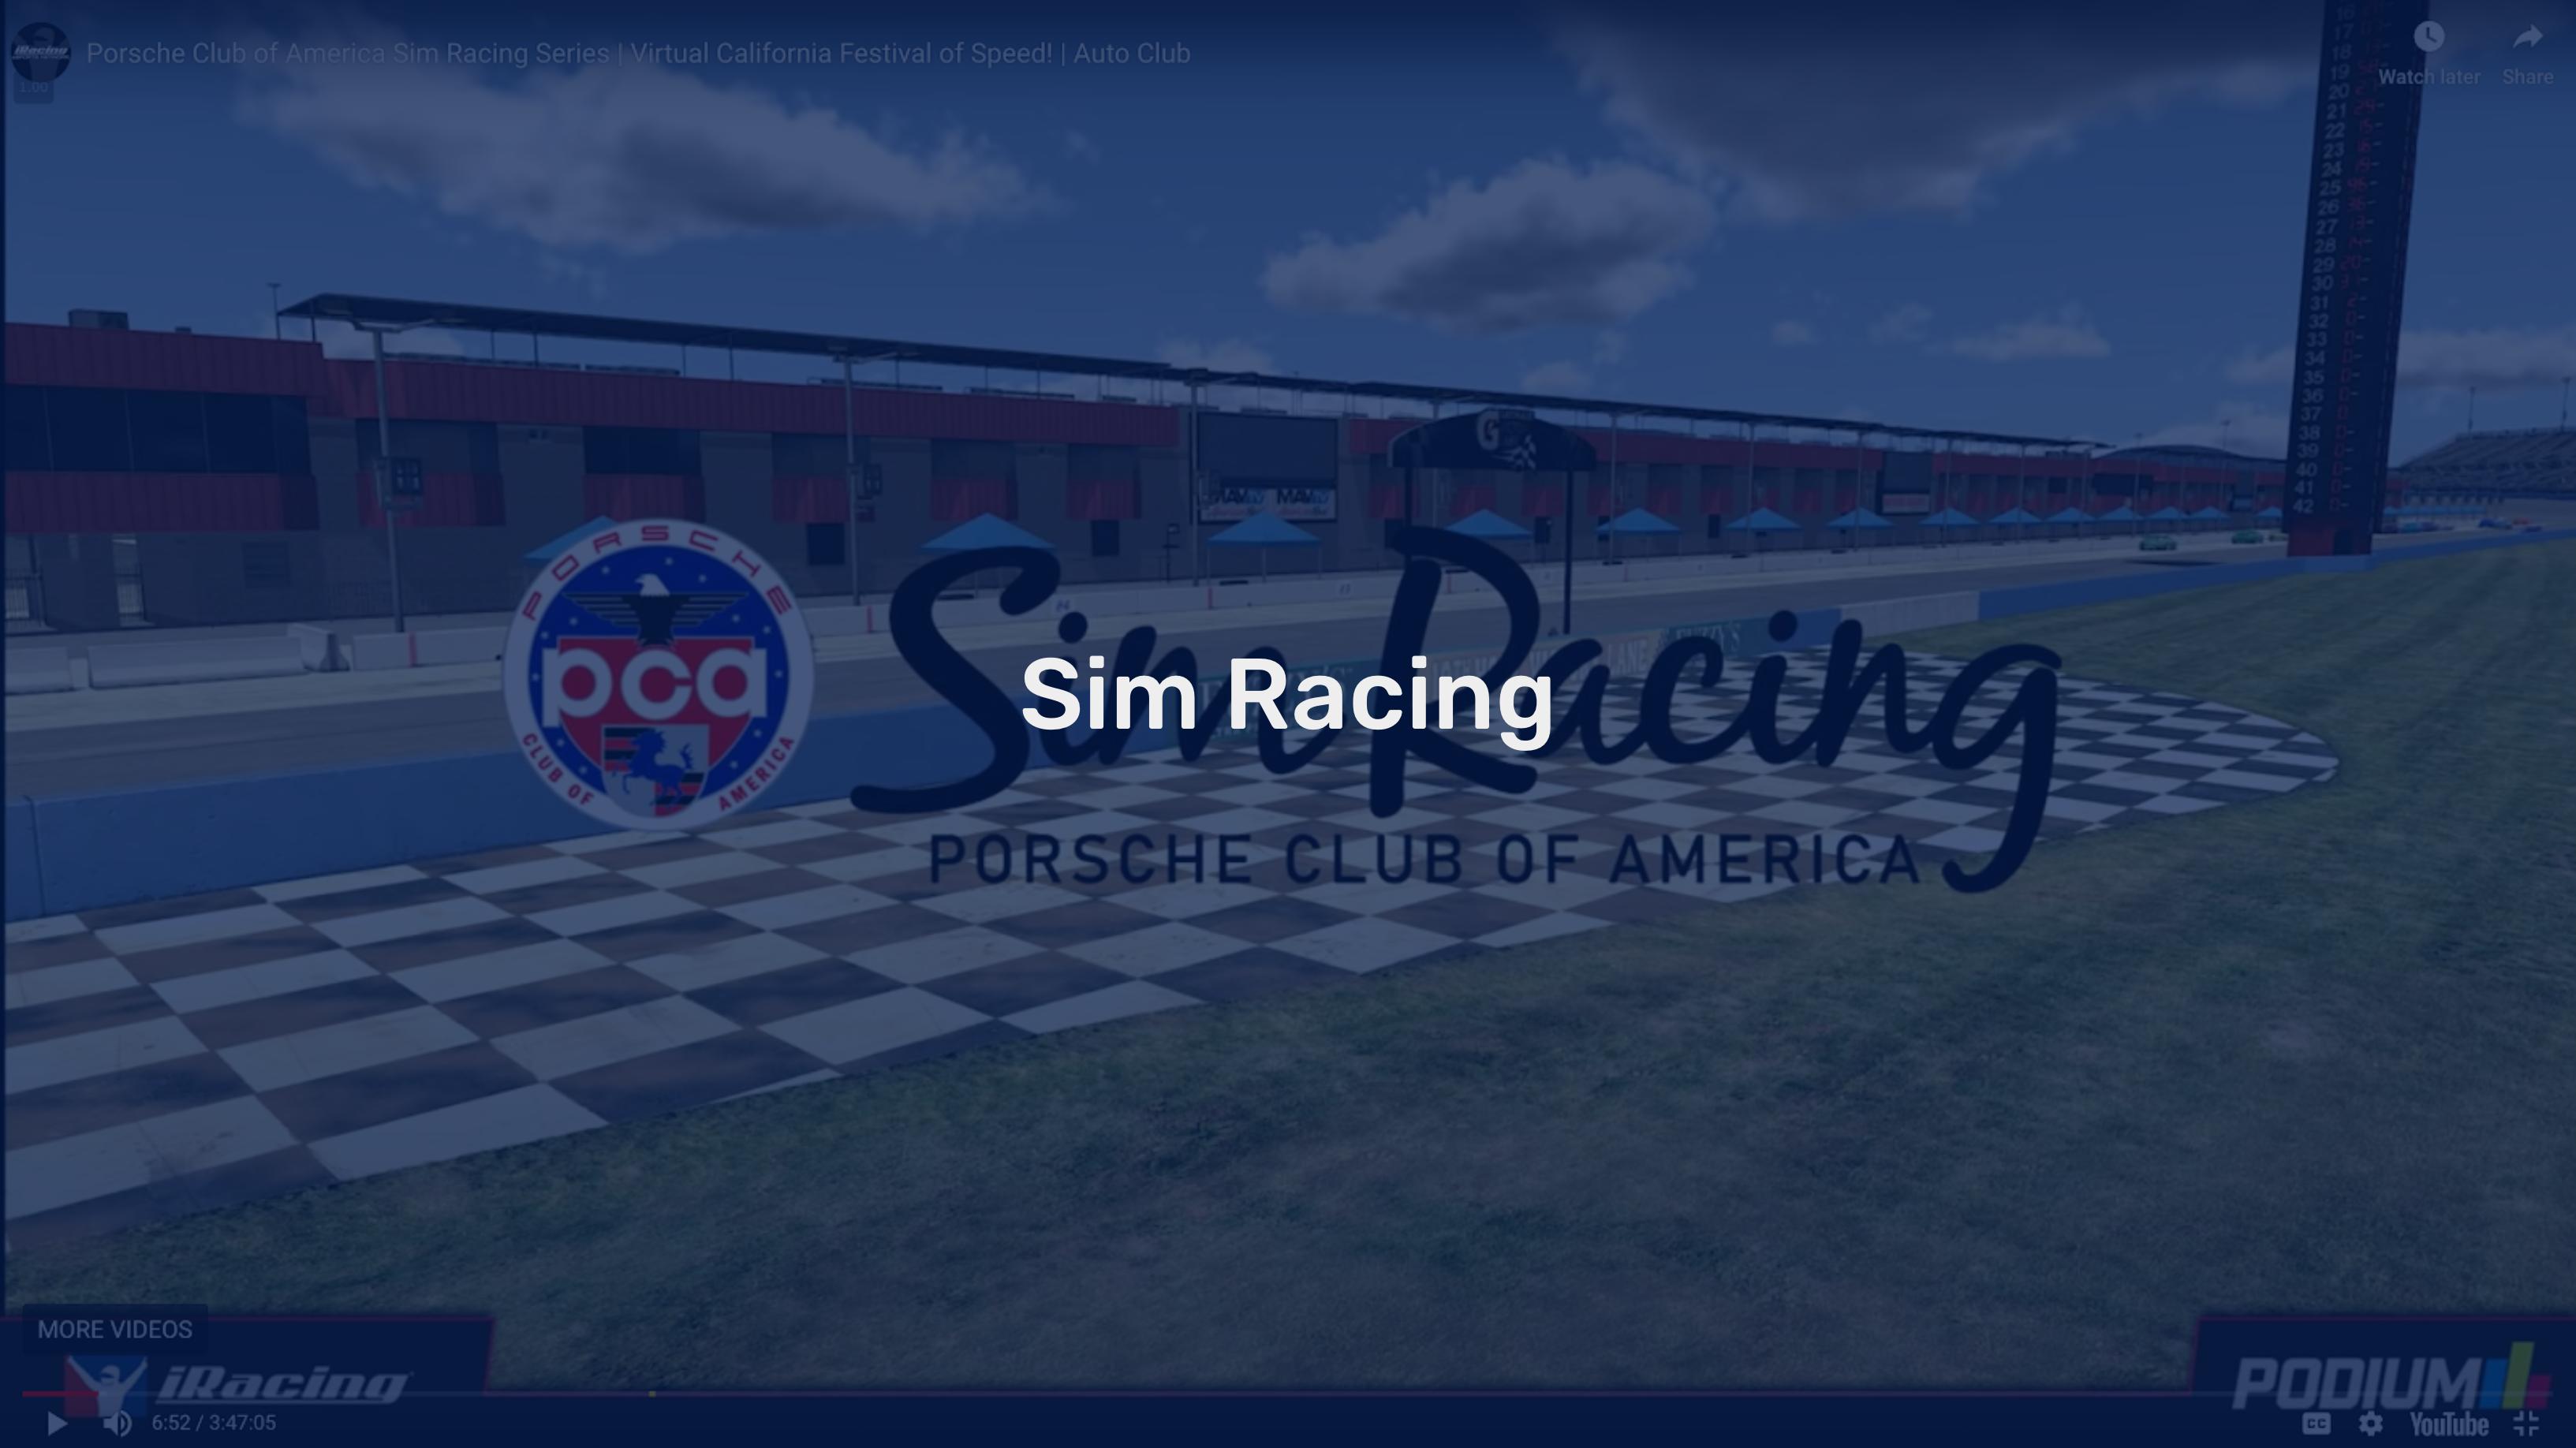 pca-sim-racing